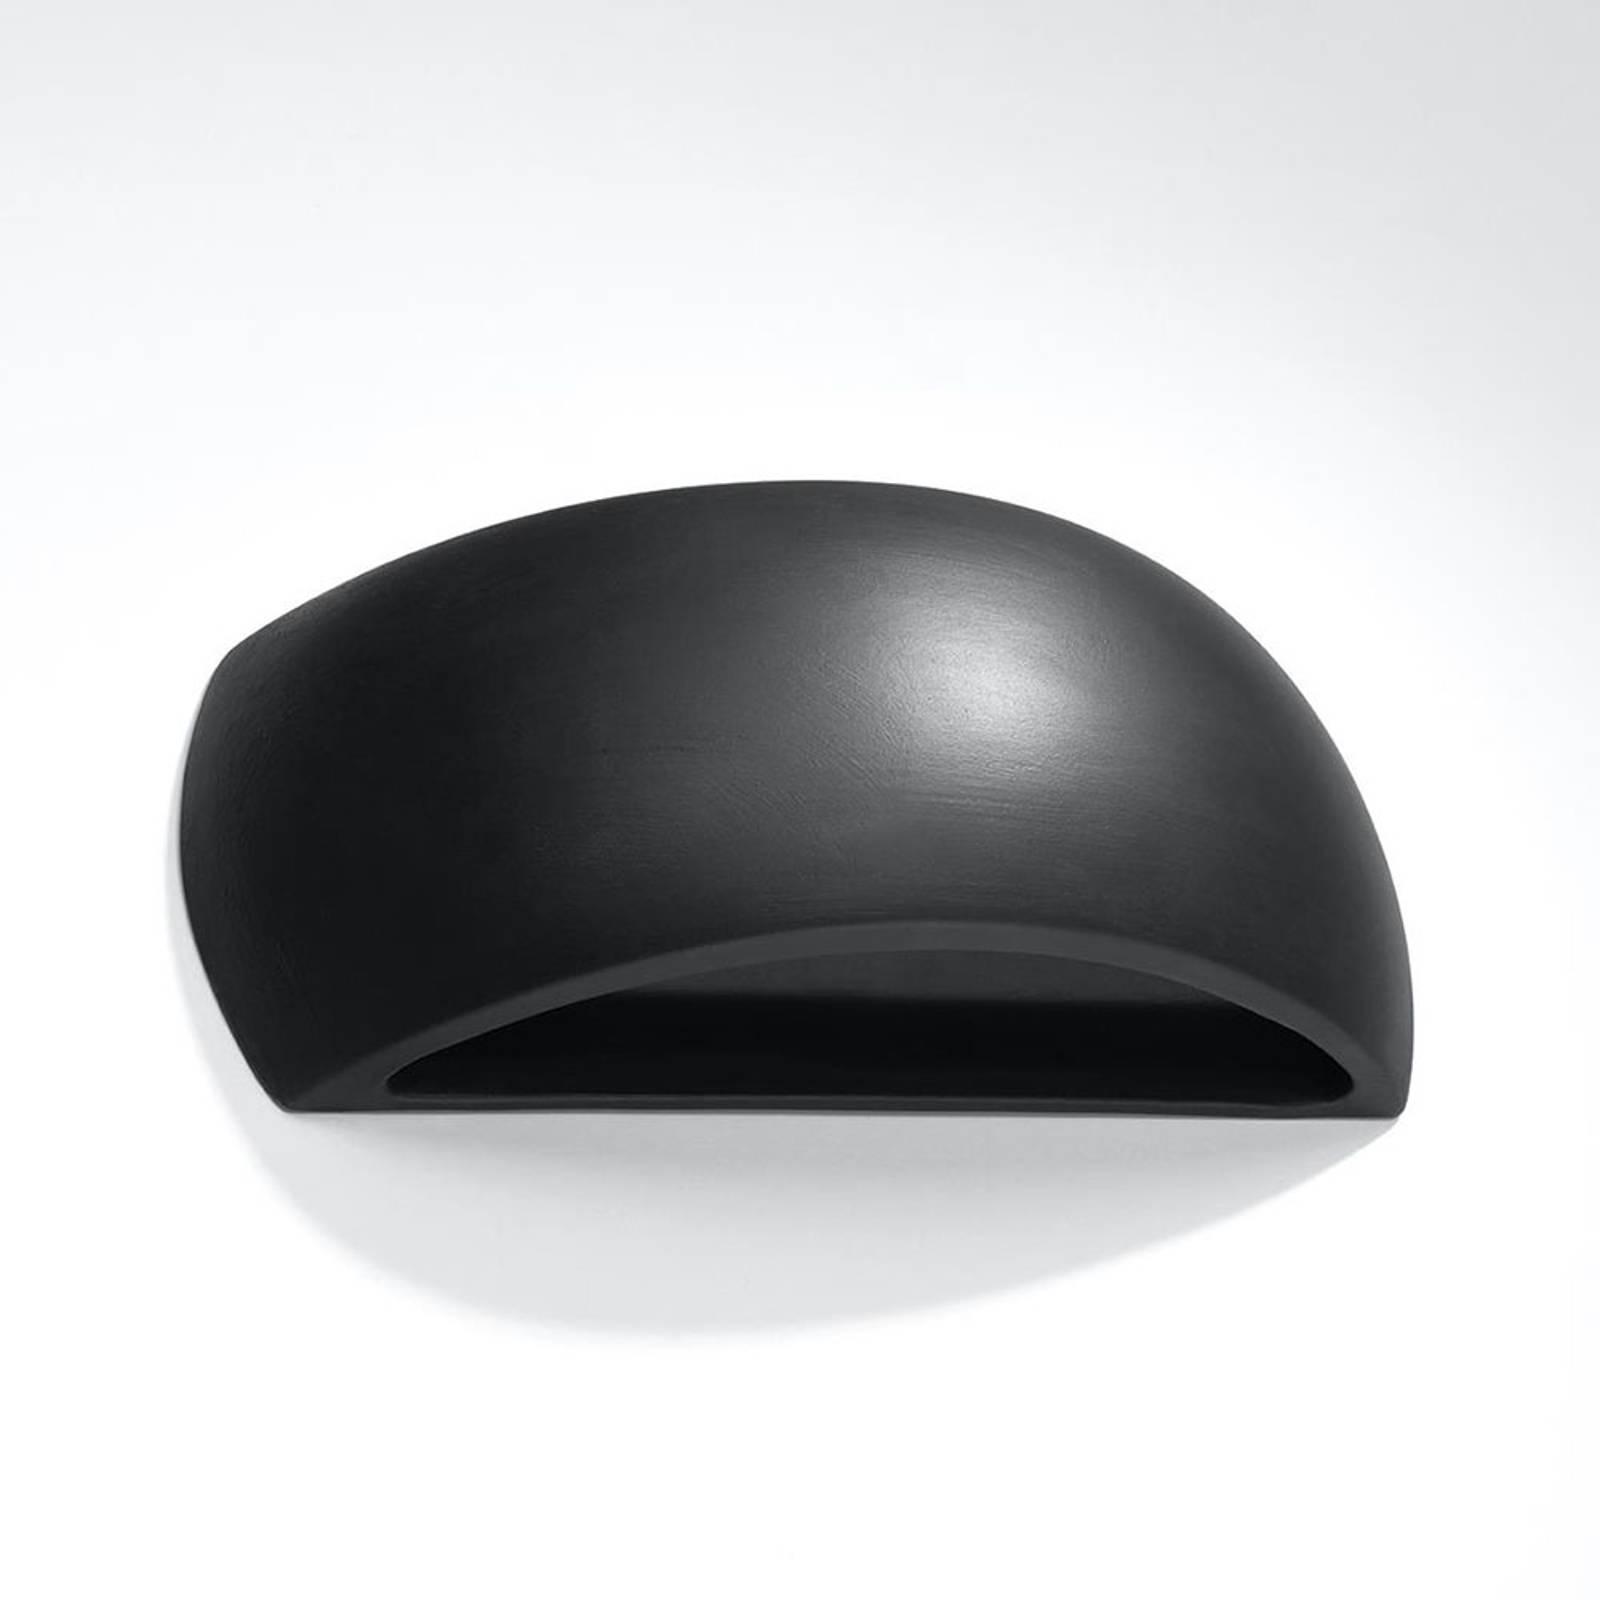 Seinävalaisin Bow up/down keramiikkaa, musta 32 cm